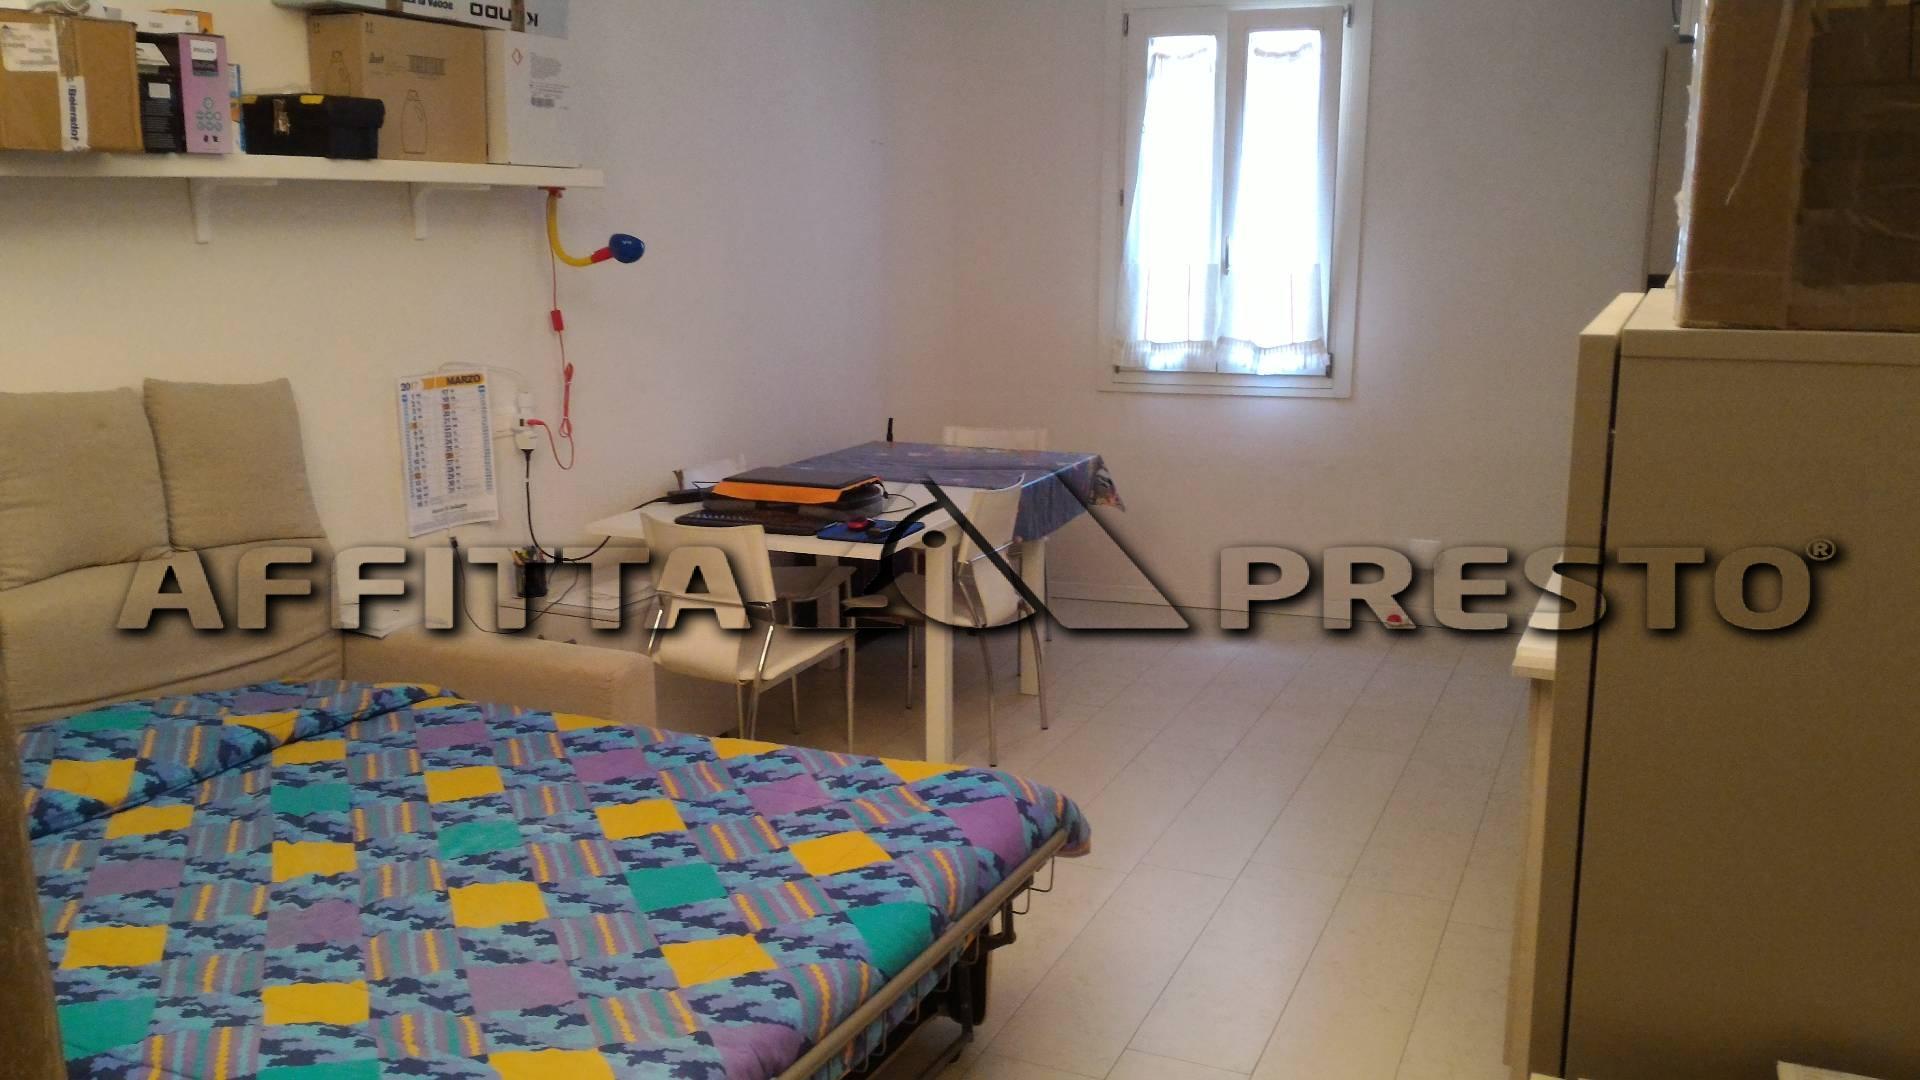 Appartamento in affitto a Cesena, 1 locali, zona Località: PortaS.i, prezzo € 450 | CambioCasa.it